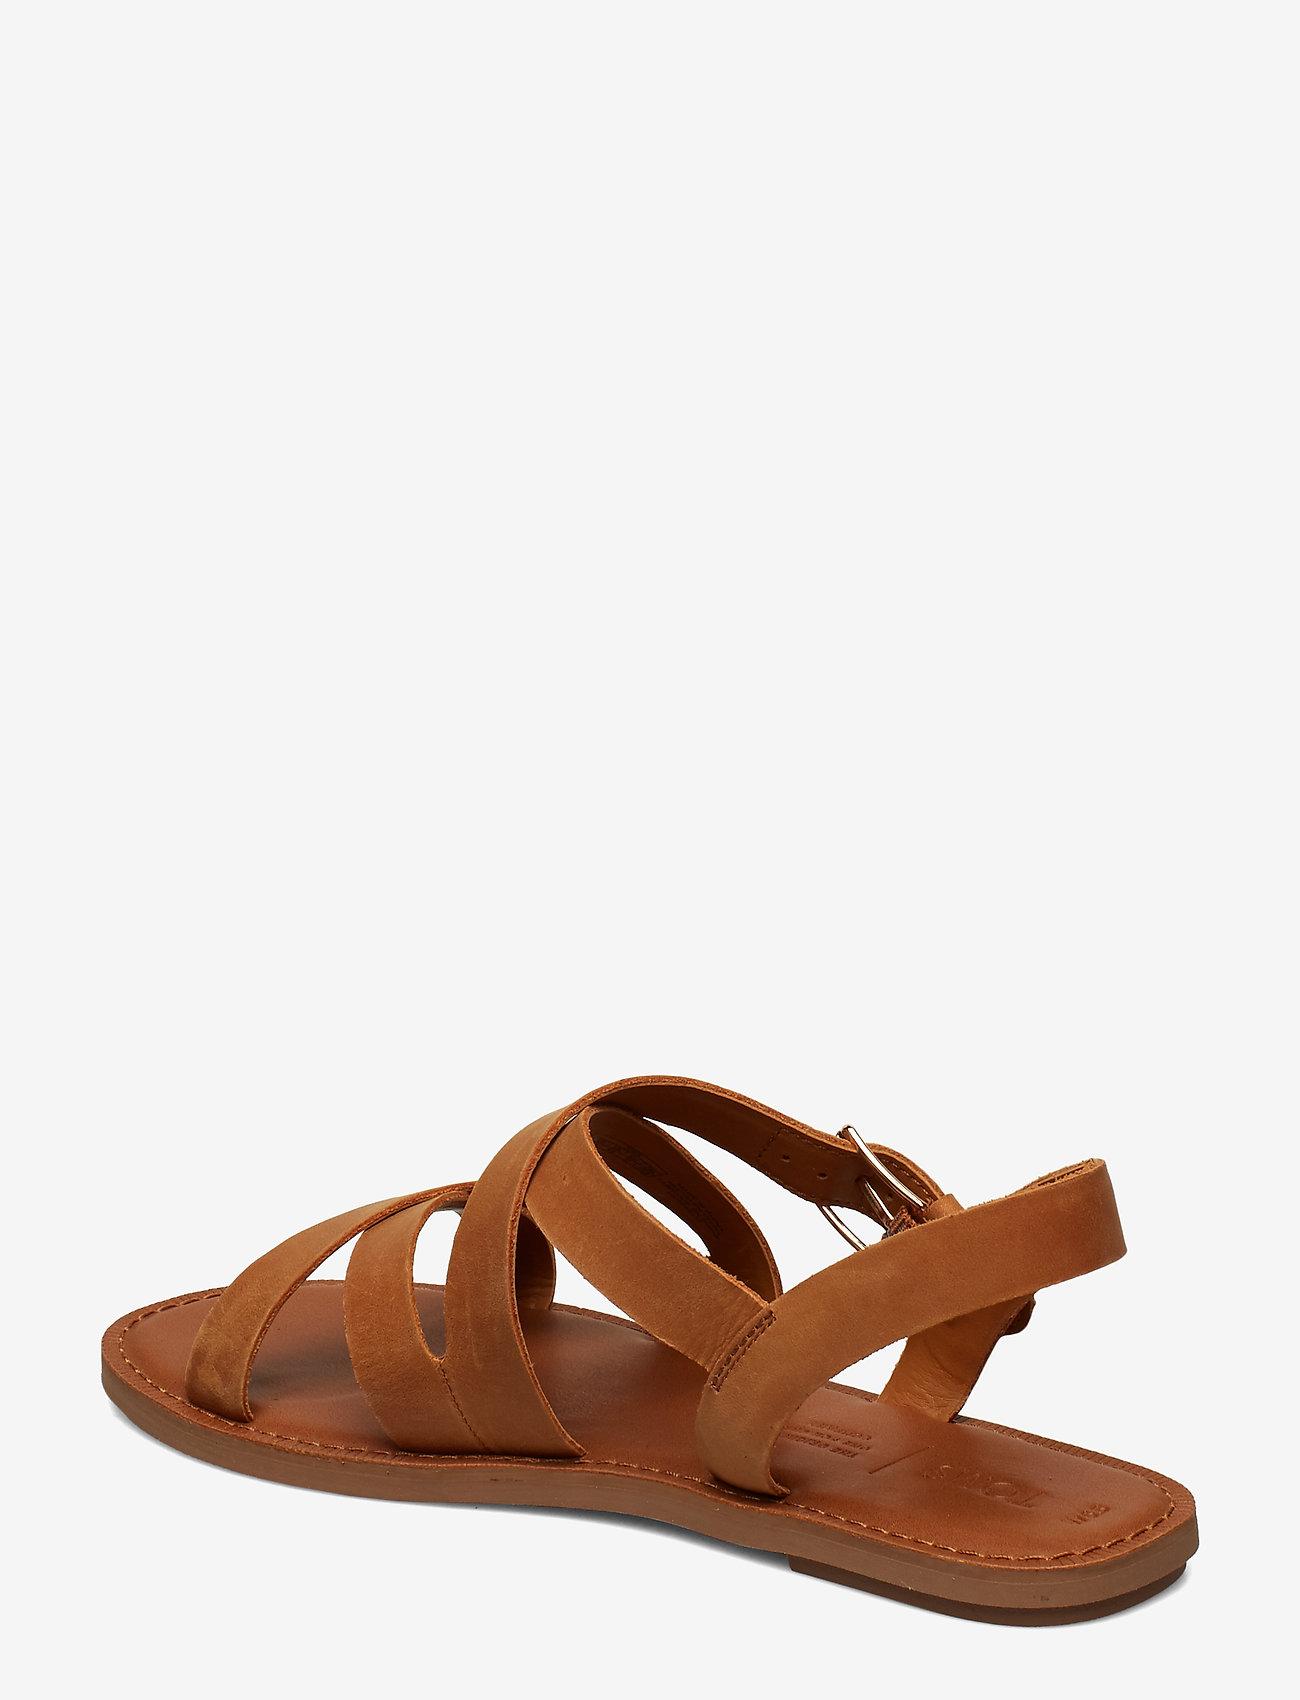 Tan Leather (Tan) - TOMS